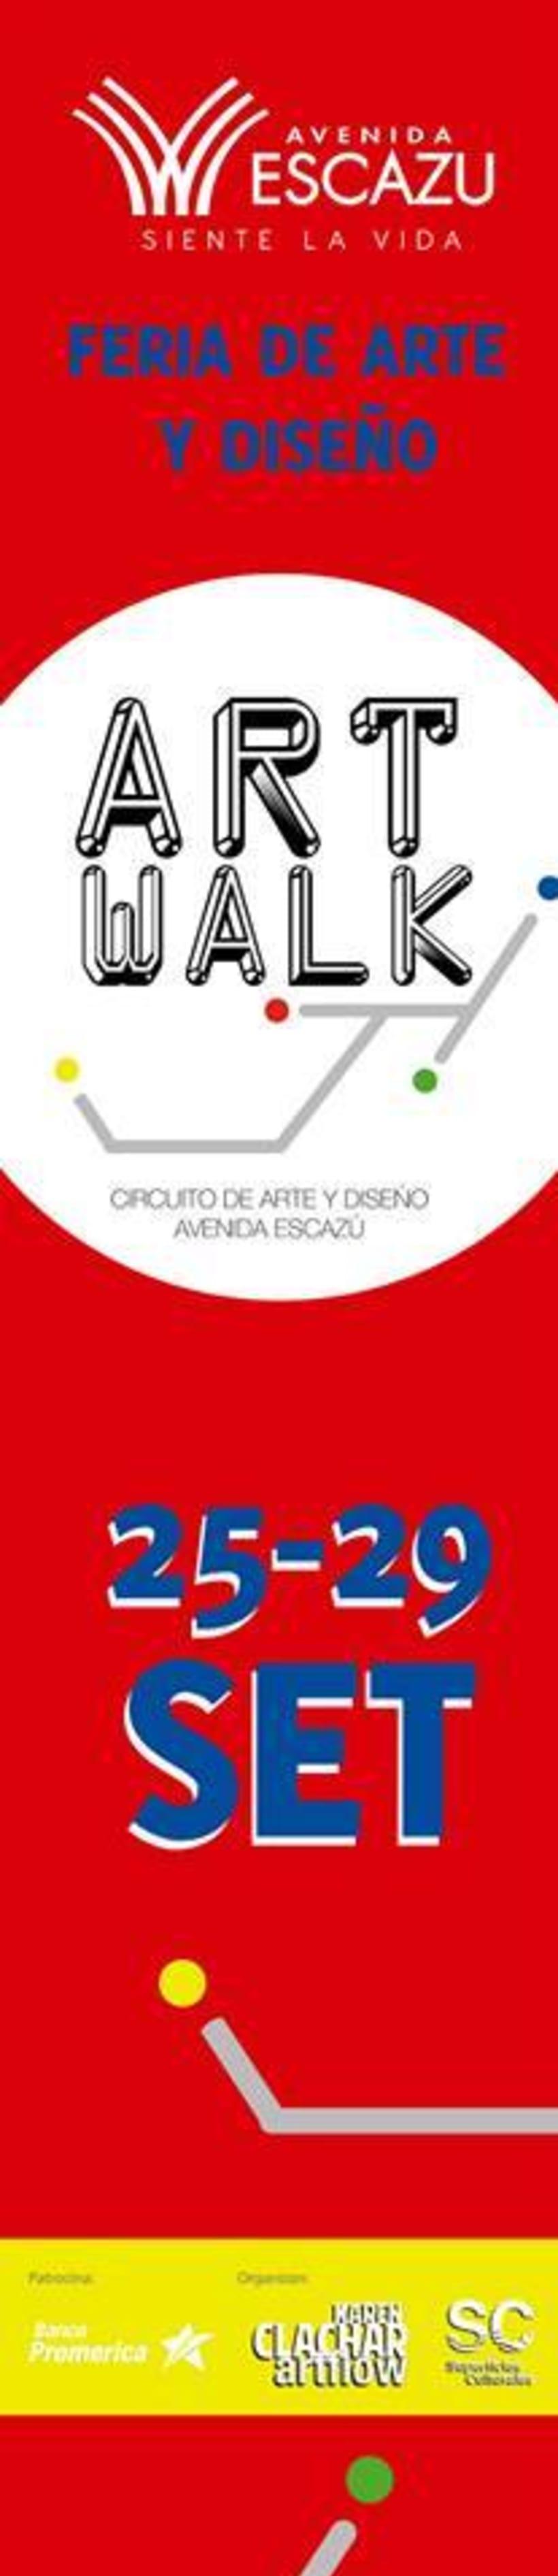 Comunicación y Diseño gráfico para la Feria de Arte Art Walk Costa Rica 21